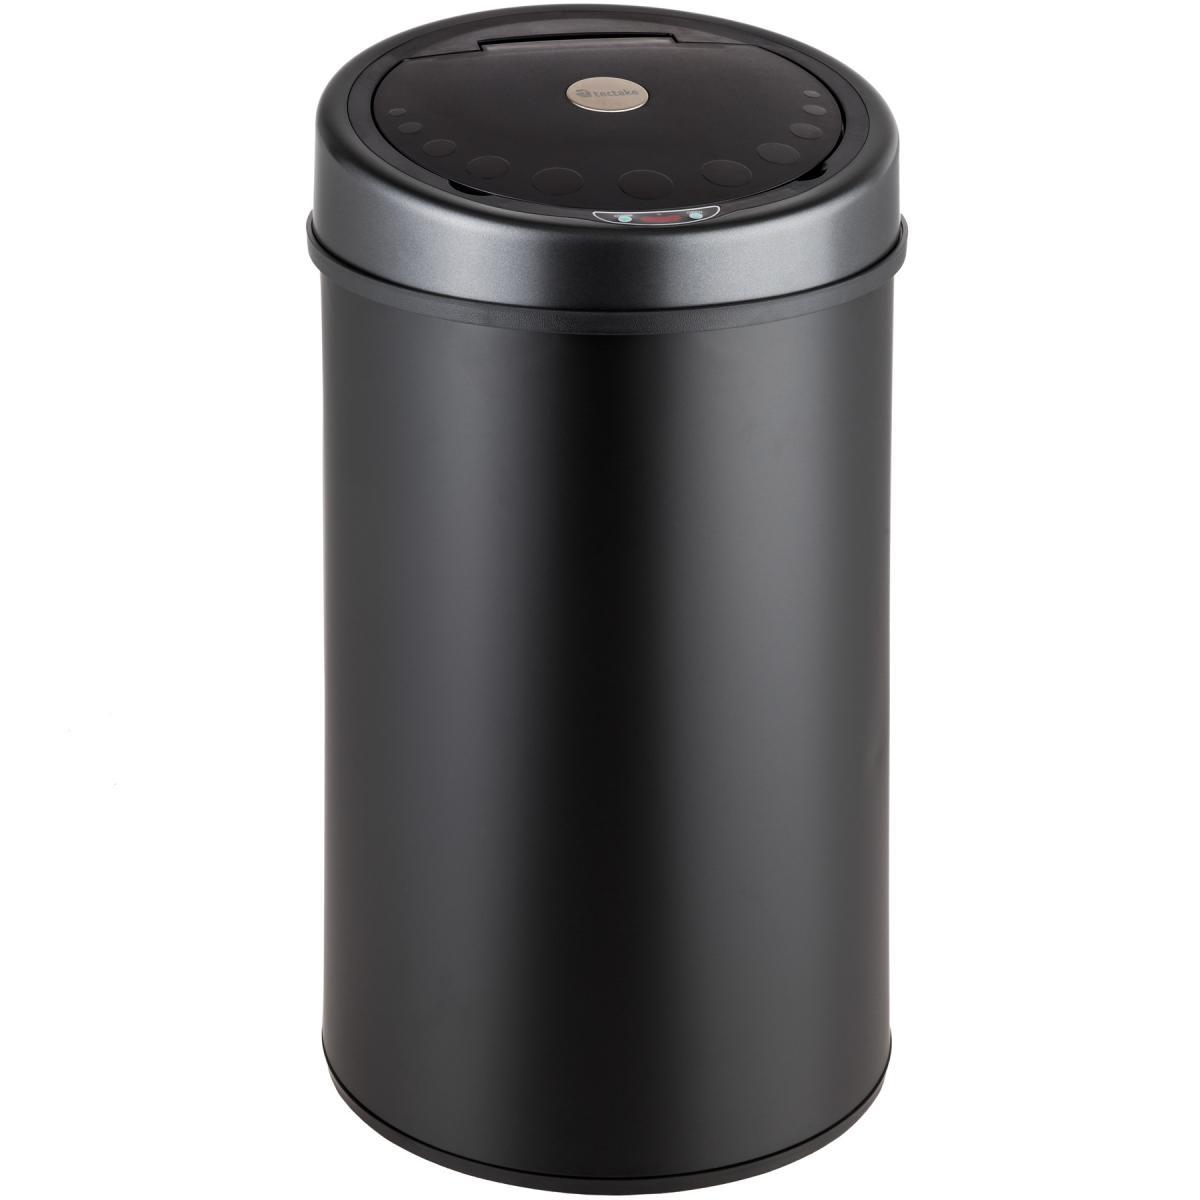 Tectake Poubelle automatique - 50 L - noir